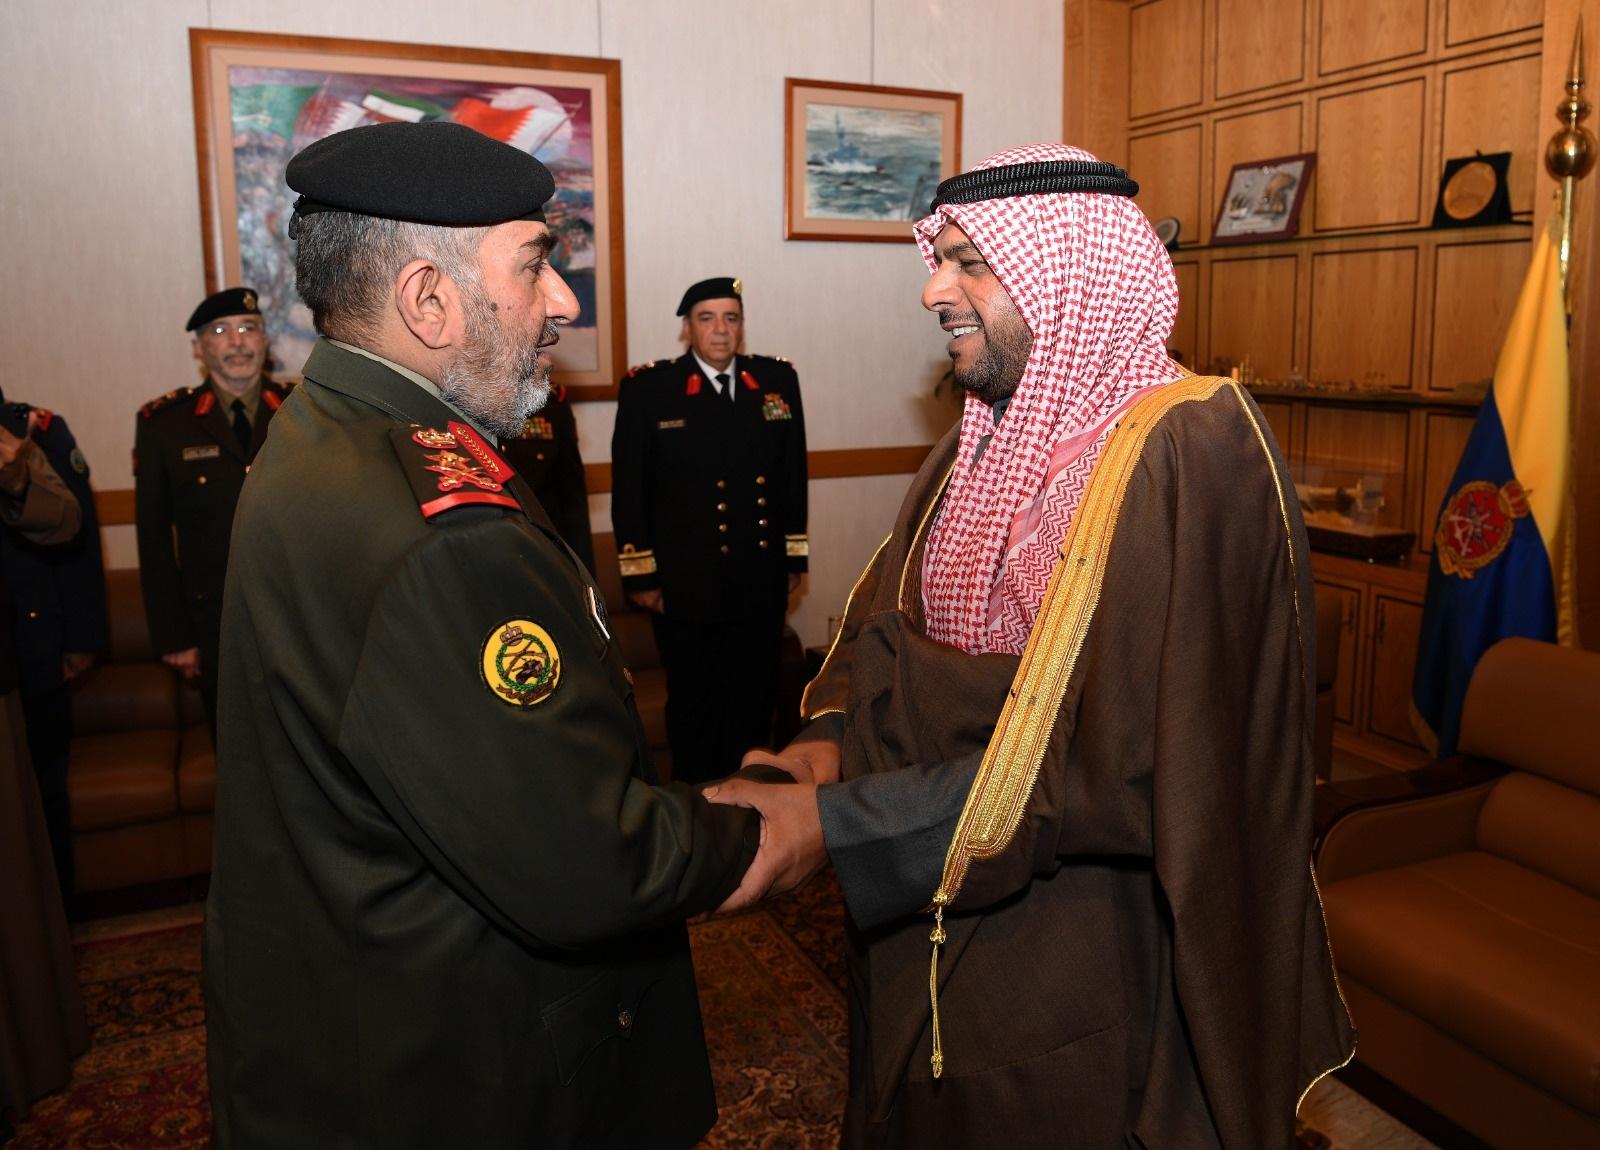 ترقية اللواء خالد الصباح لفريق وتعيينه نائبًا لرئيس الأركان الكويتي